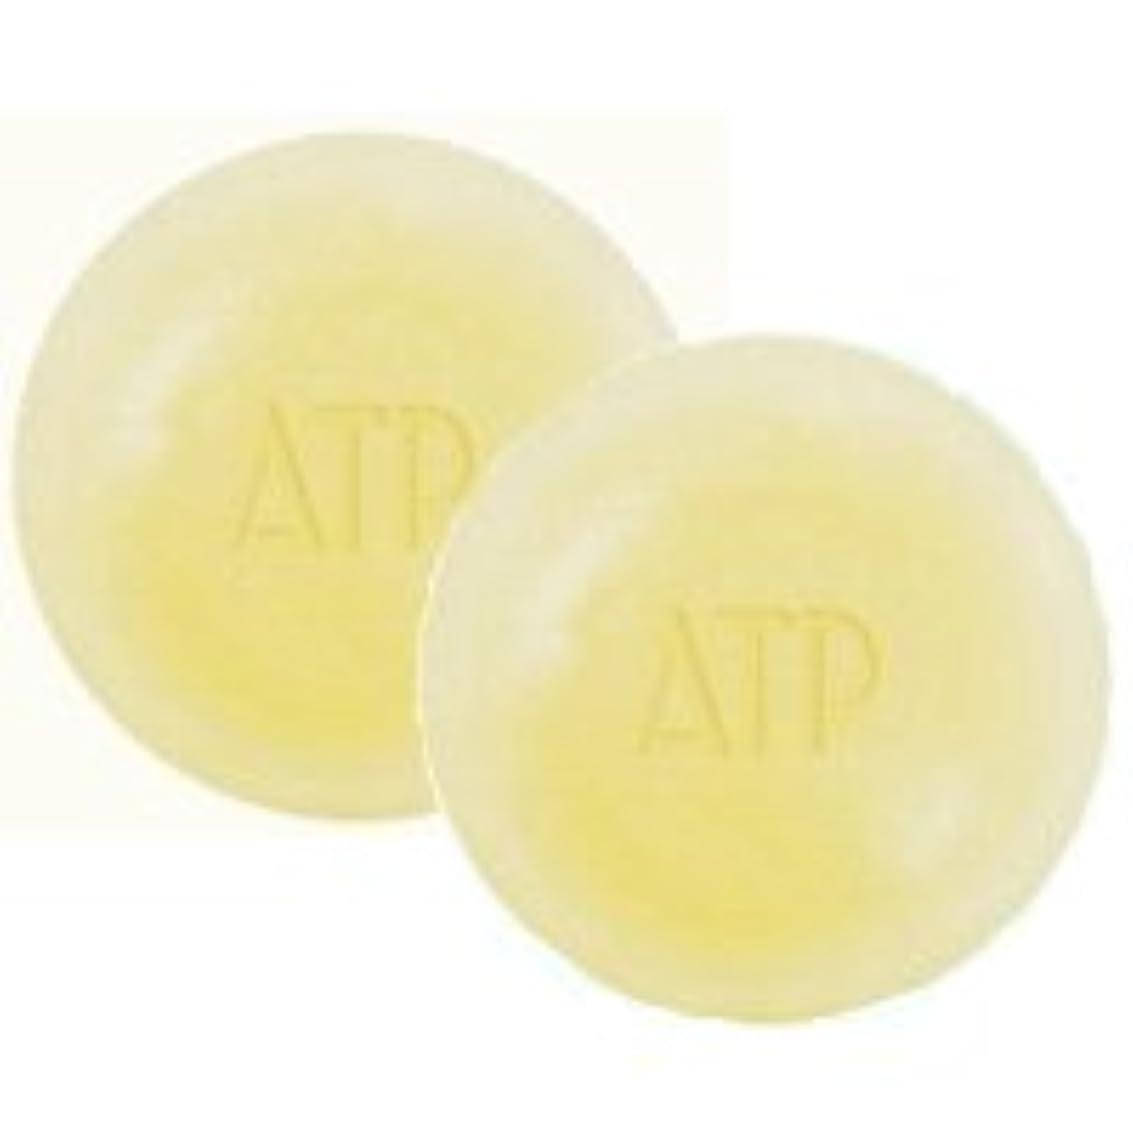 九時四十五分持続的胸ATPデリケアソープ 100g ケース付 2個セット